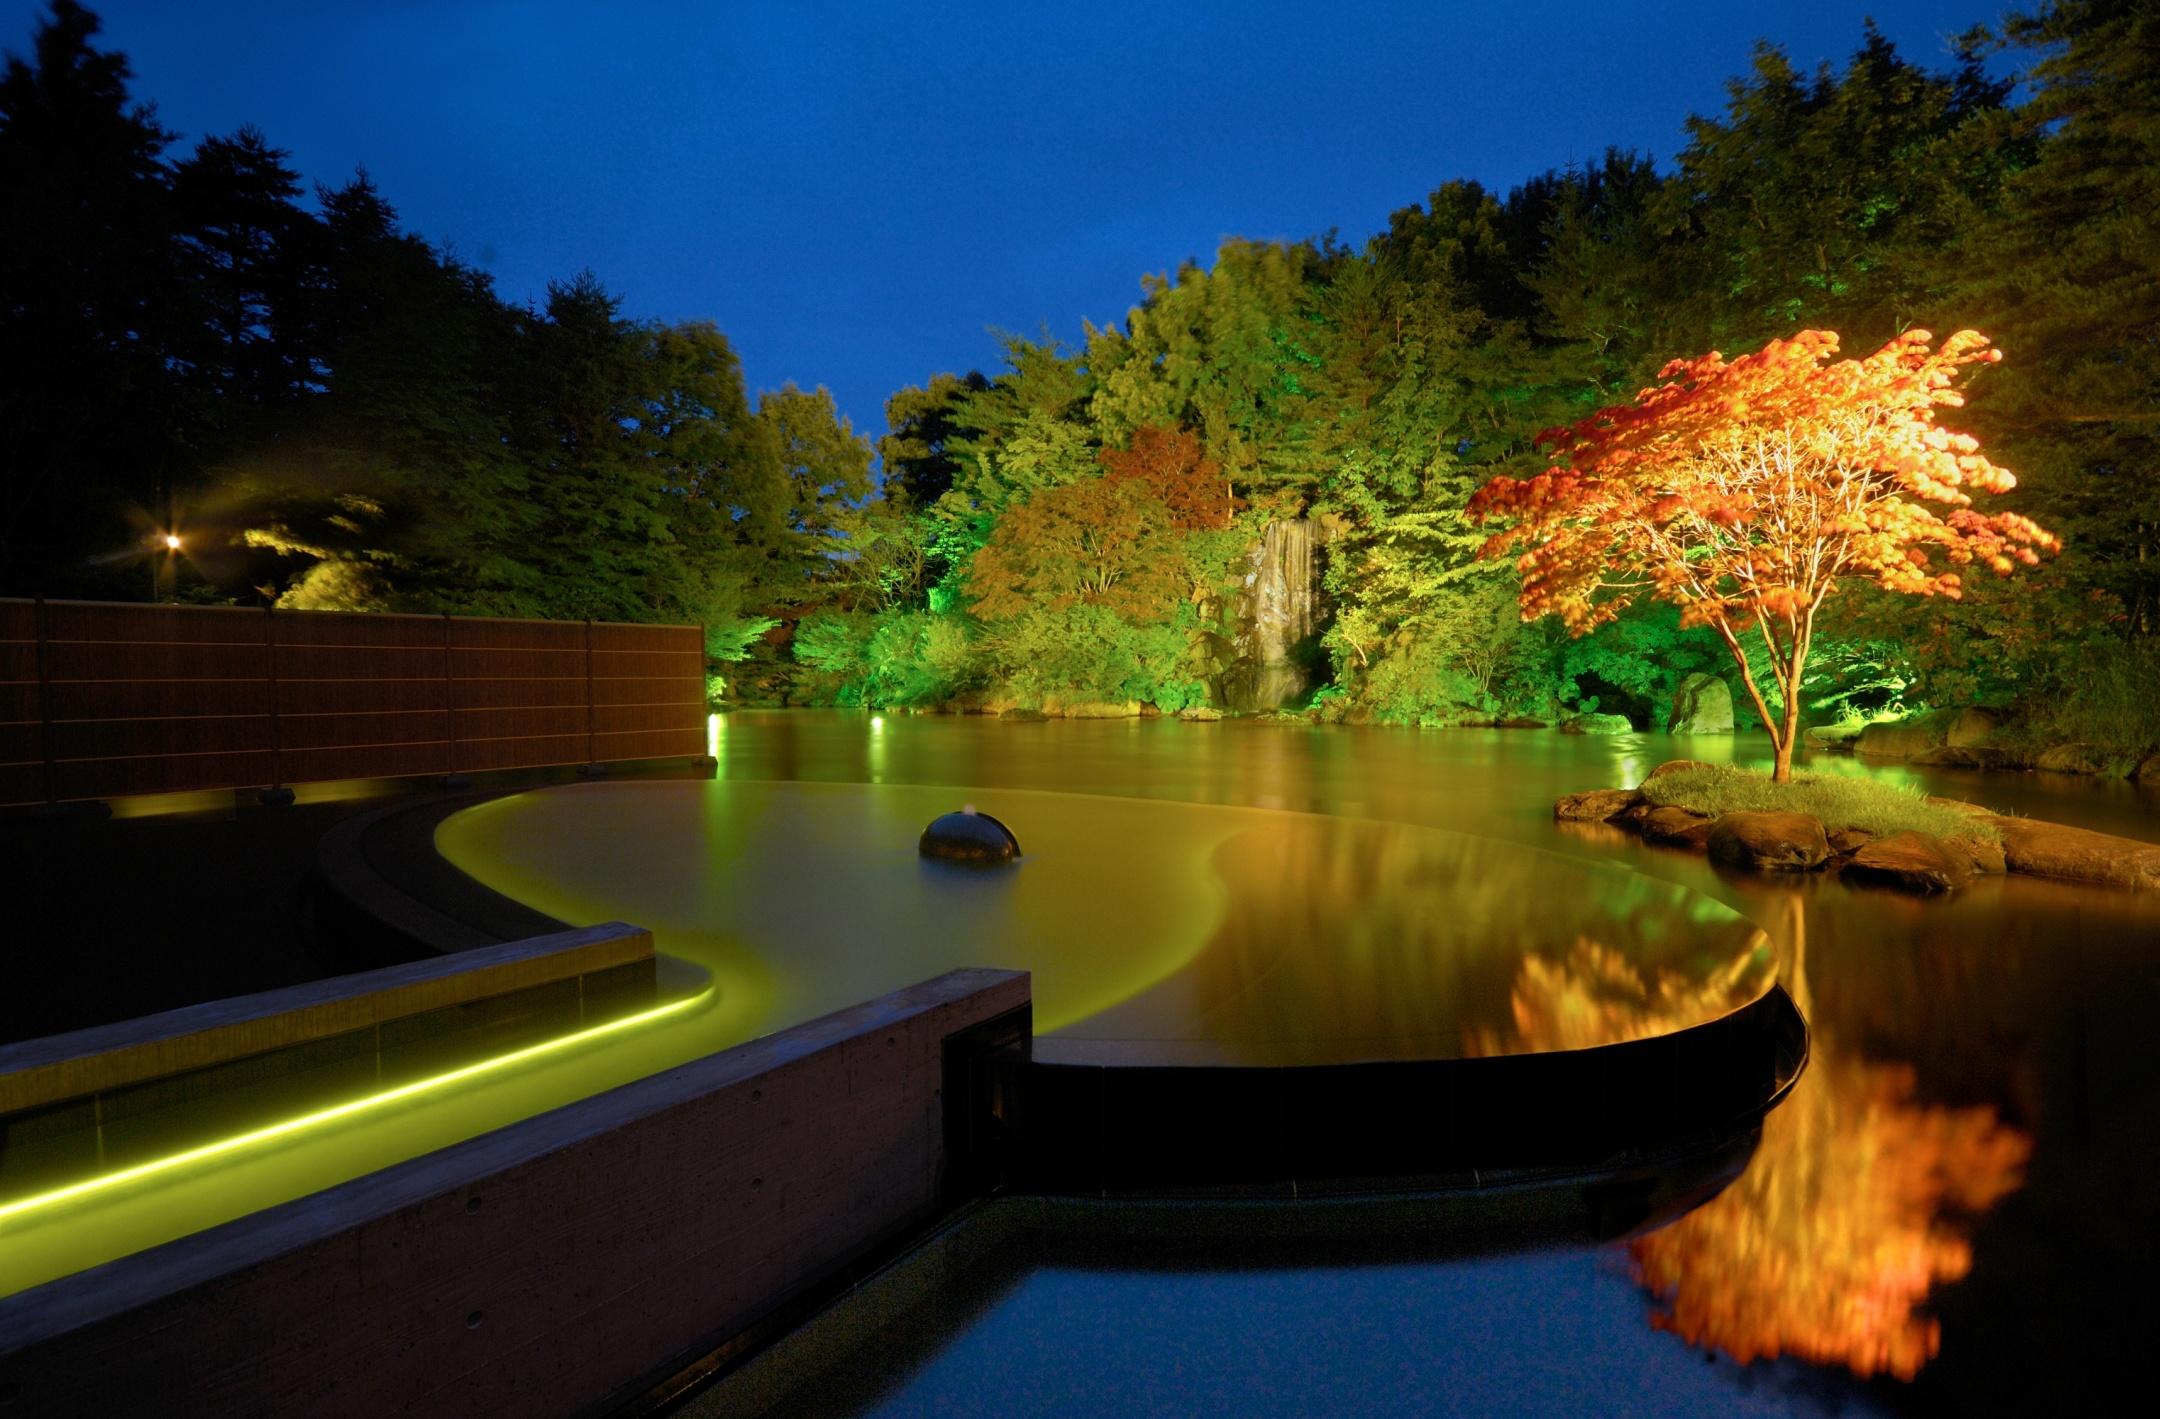 幻想的な景色の「浮湯」(写真)のほか、爽やかな香り漂う「ひば湯」など、様々な温泉を満喫できる